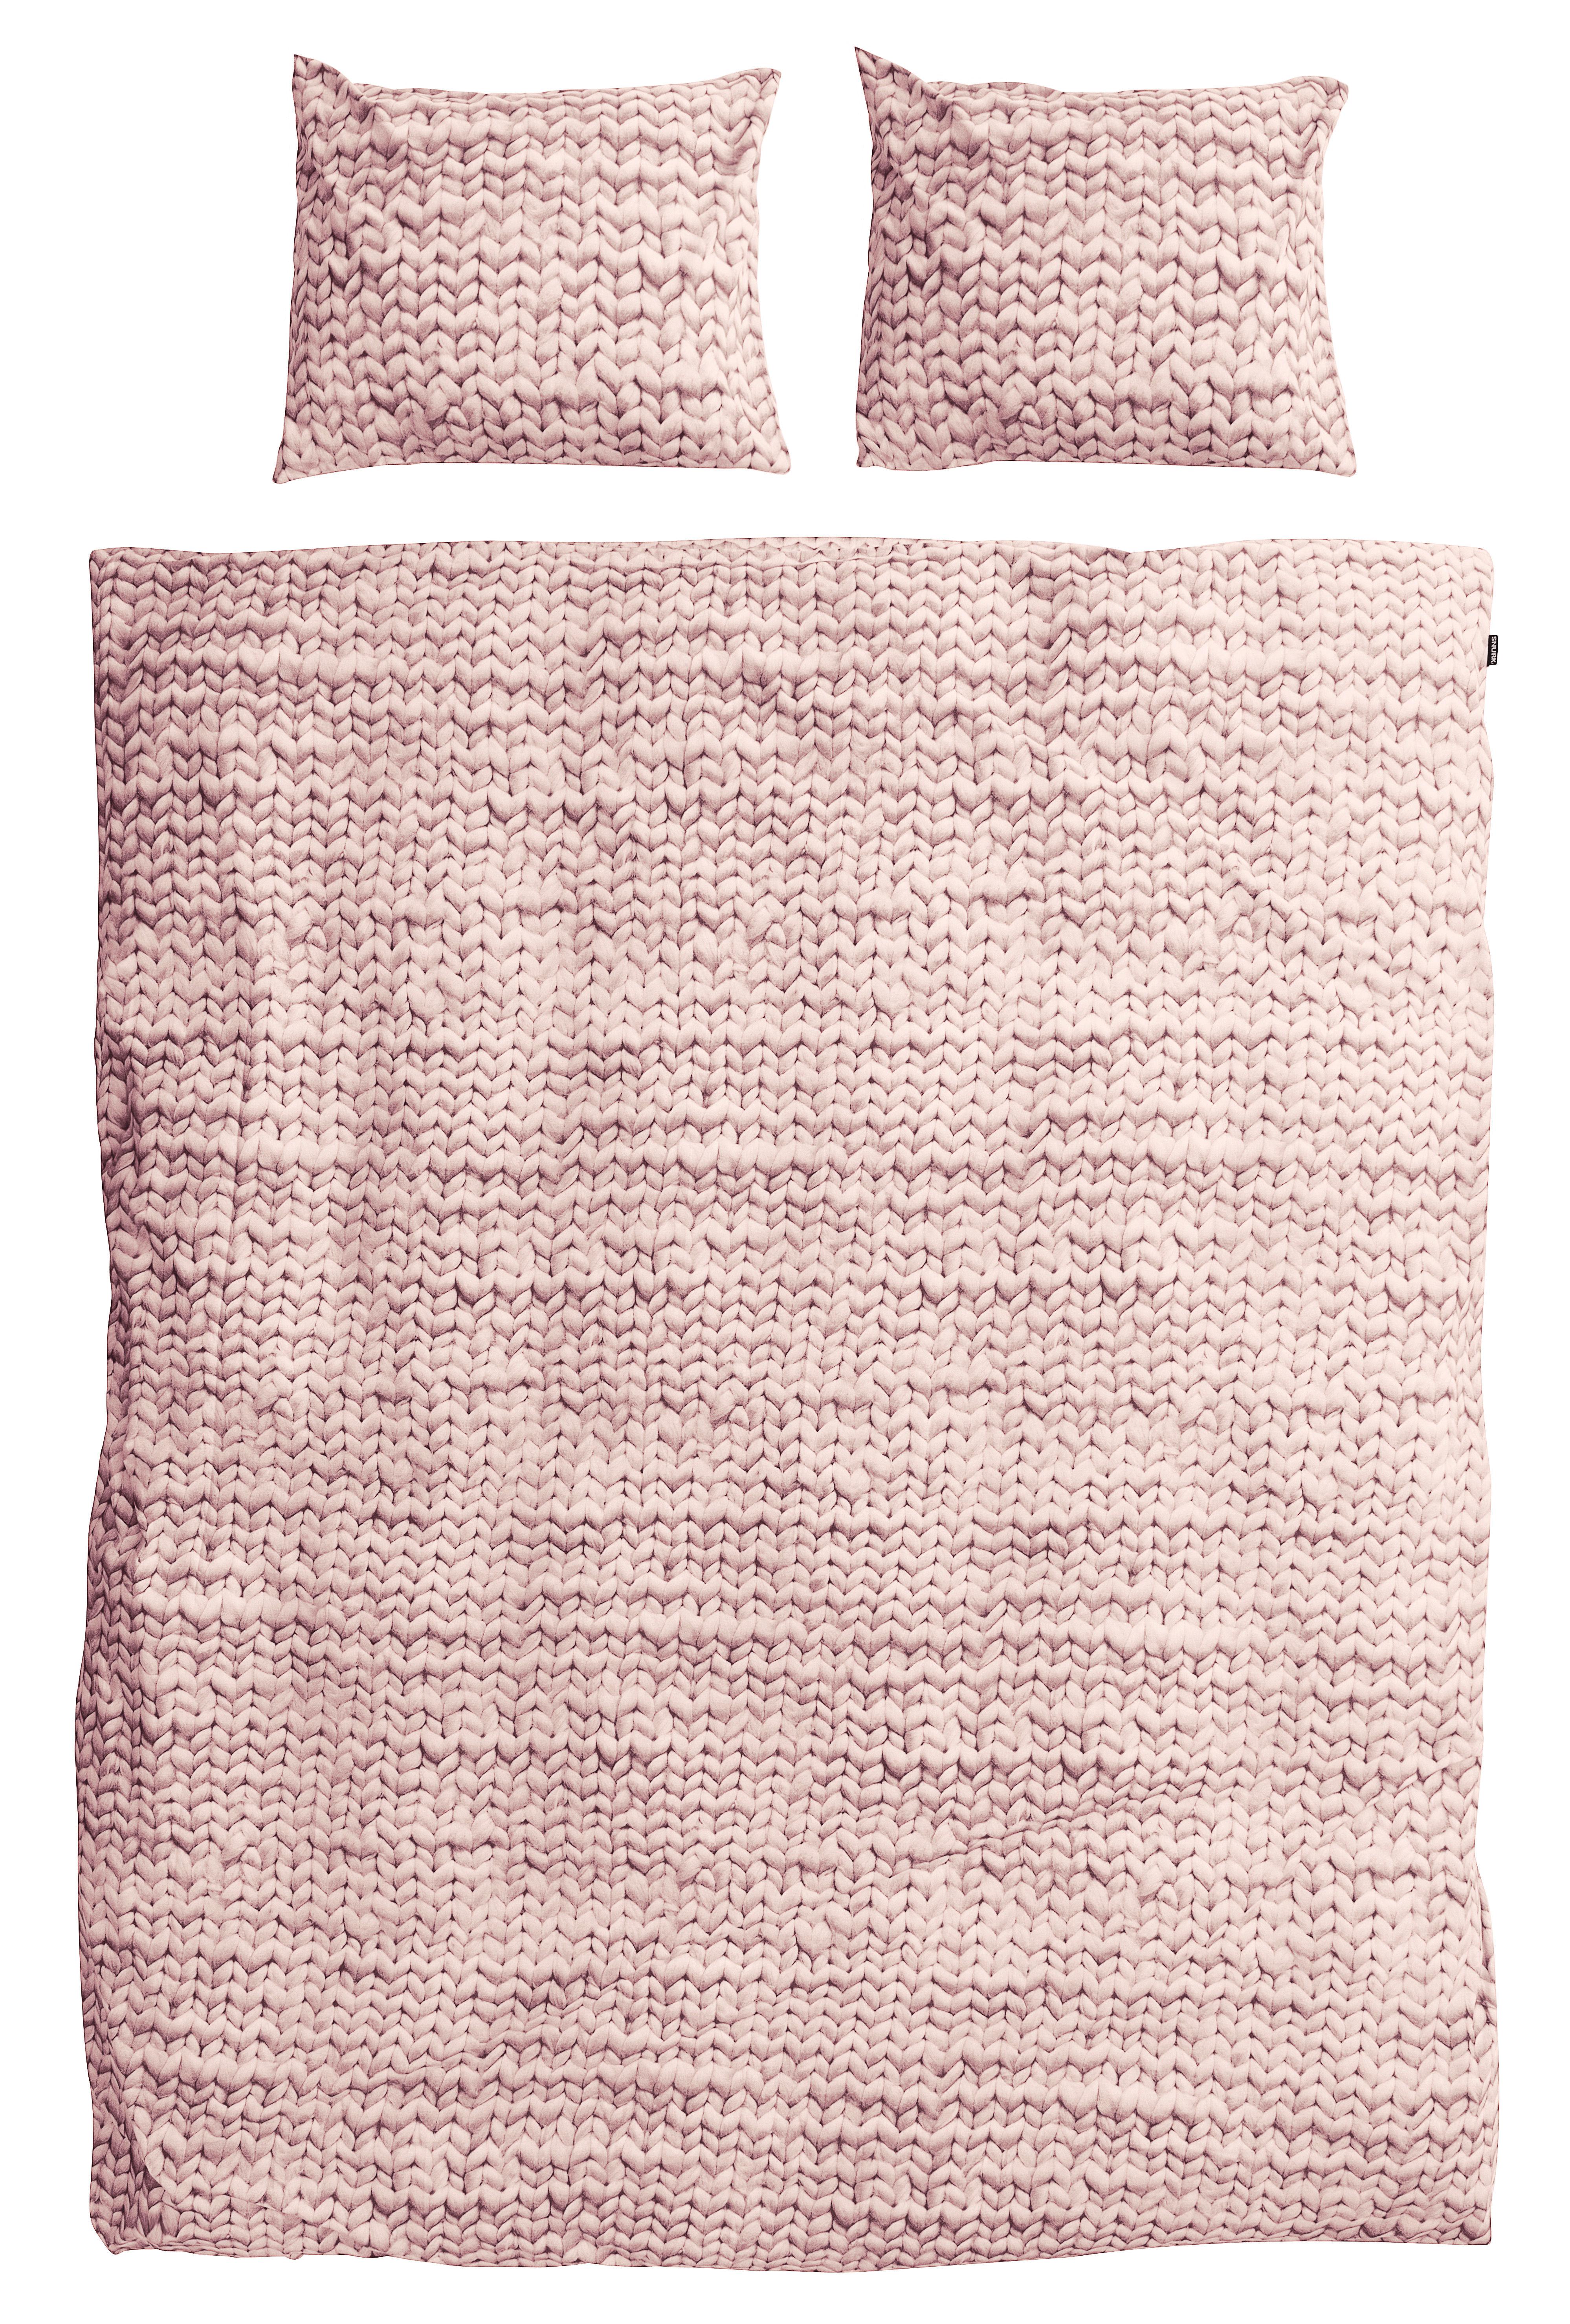 Dekoration - Wohntextilien - Tricot Bettwäsche-Set für 2 Personen / 240 x 220 cm - Snurk - Strickmuster / rosa - Percale de coton